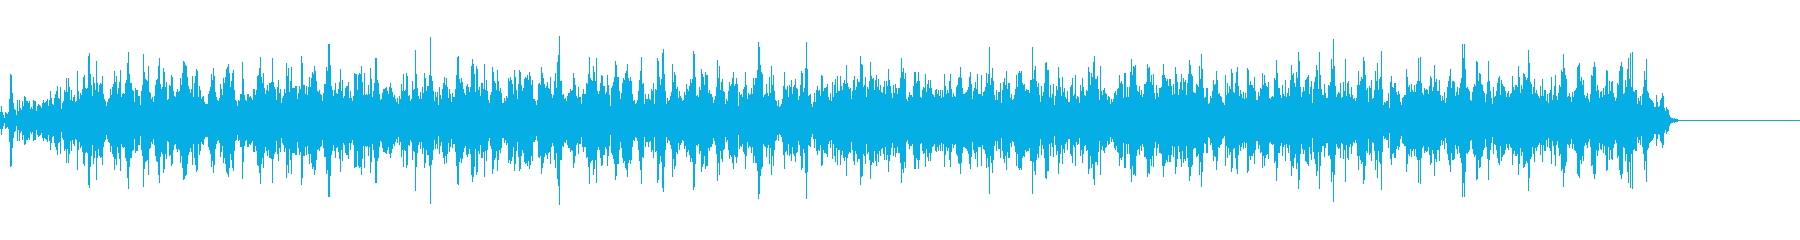 機械稼働音 2の再生済みの波形